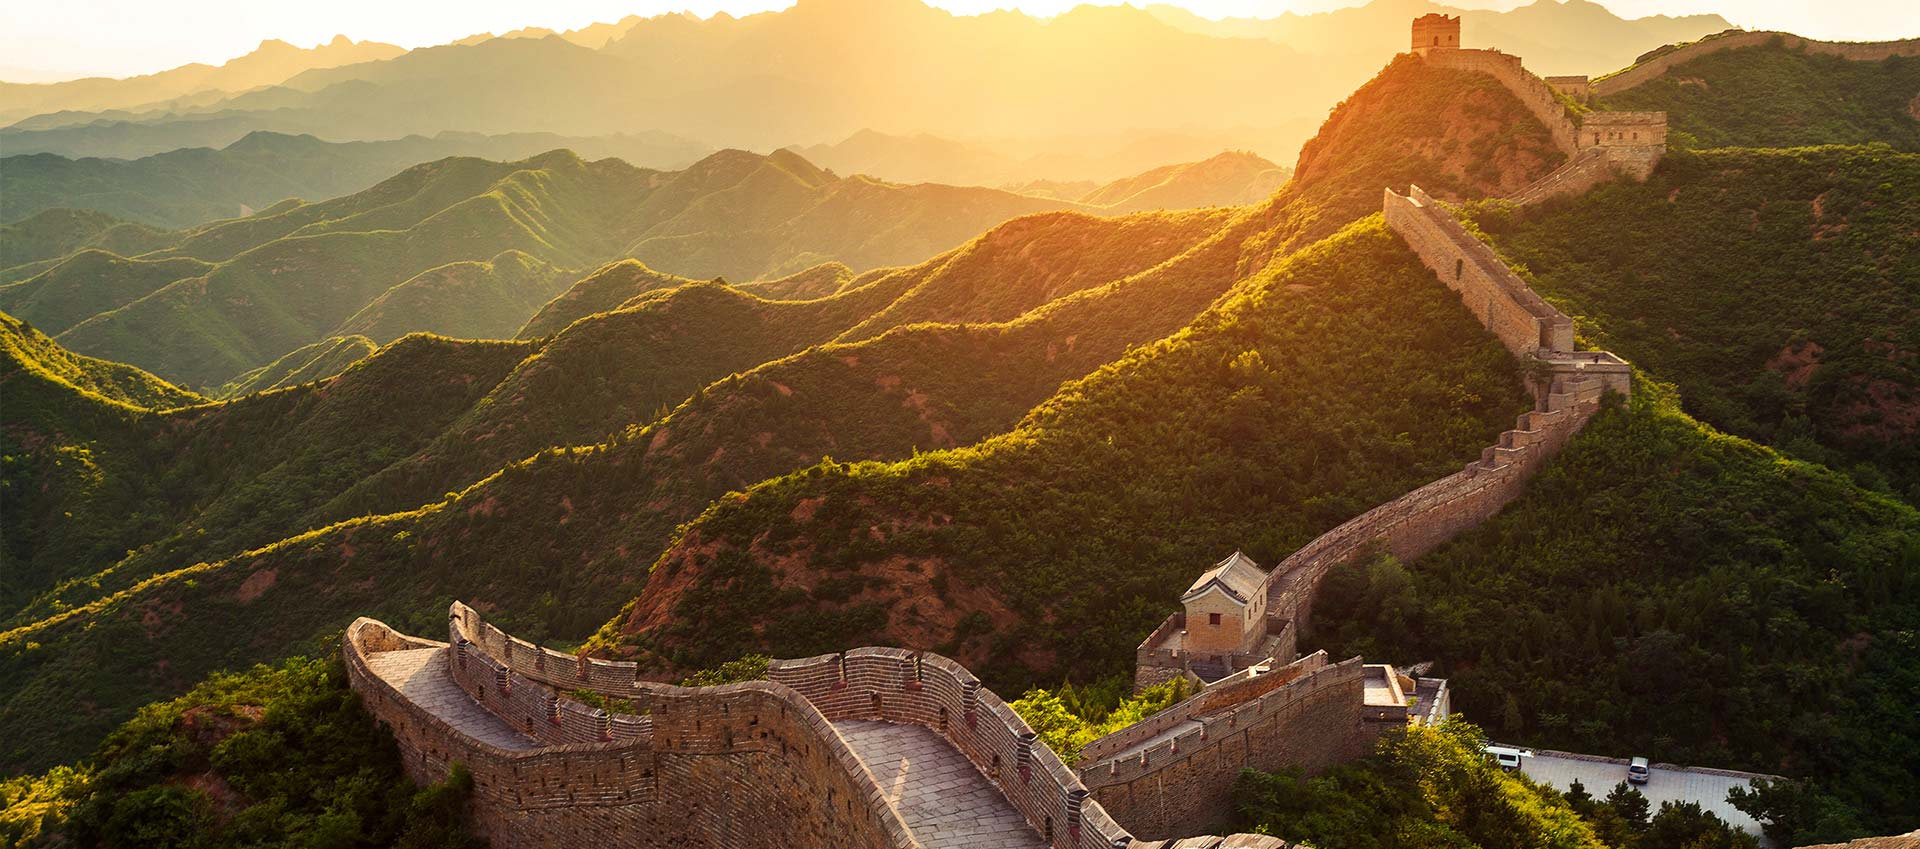 blog_weisheiten-aus-China_DamianRichter